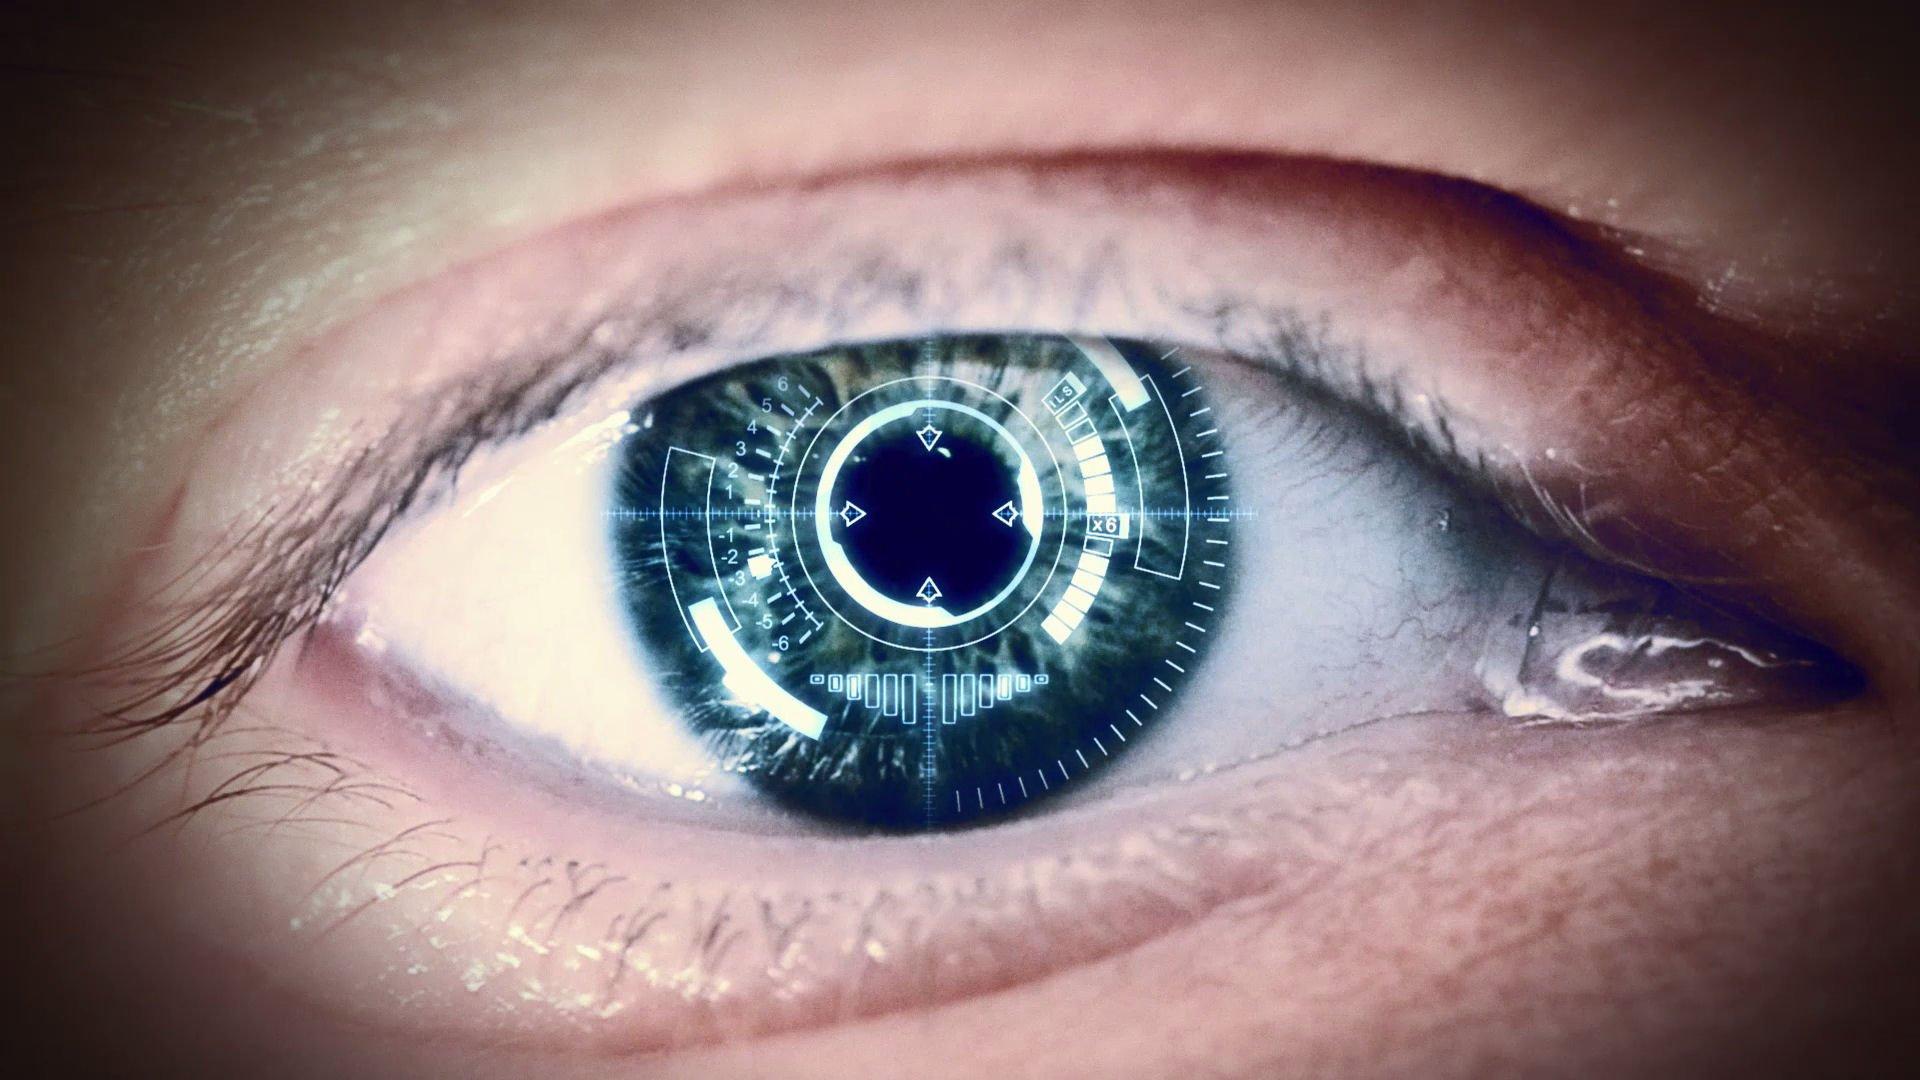 Bionic Lens adlı xüsusi linzalar, insana qeyri-adi bacarıqlar verəcək (VİDEO)